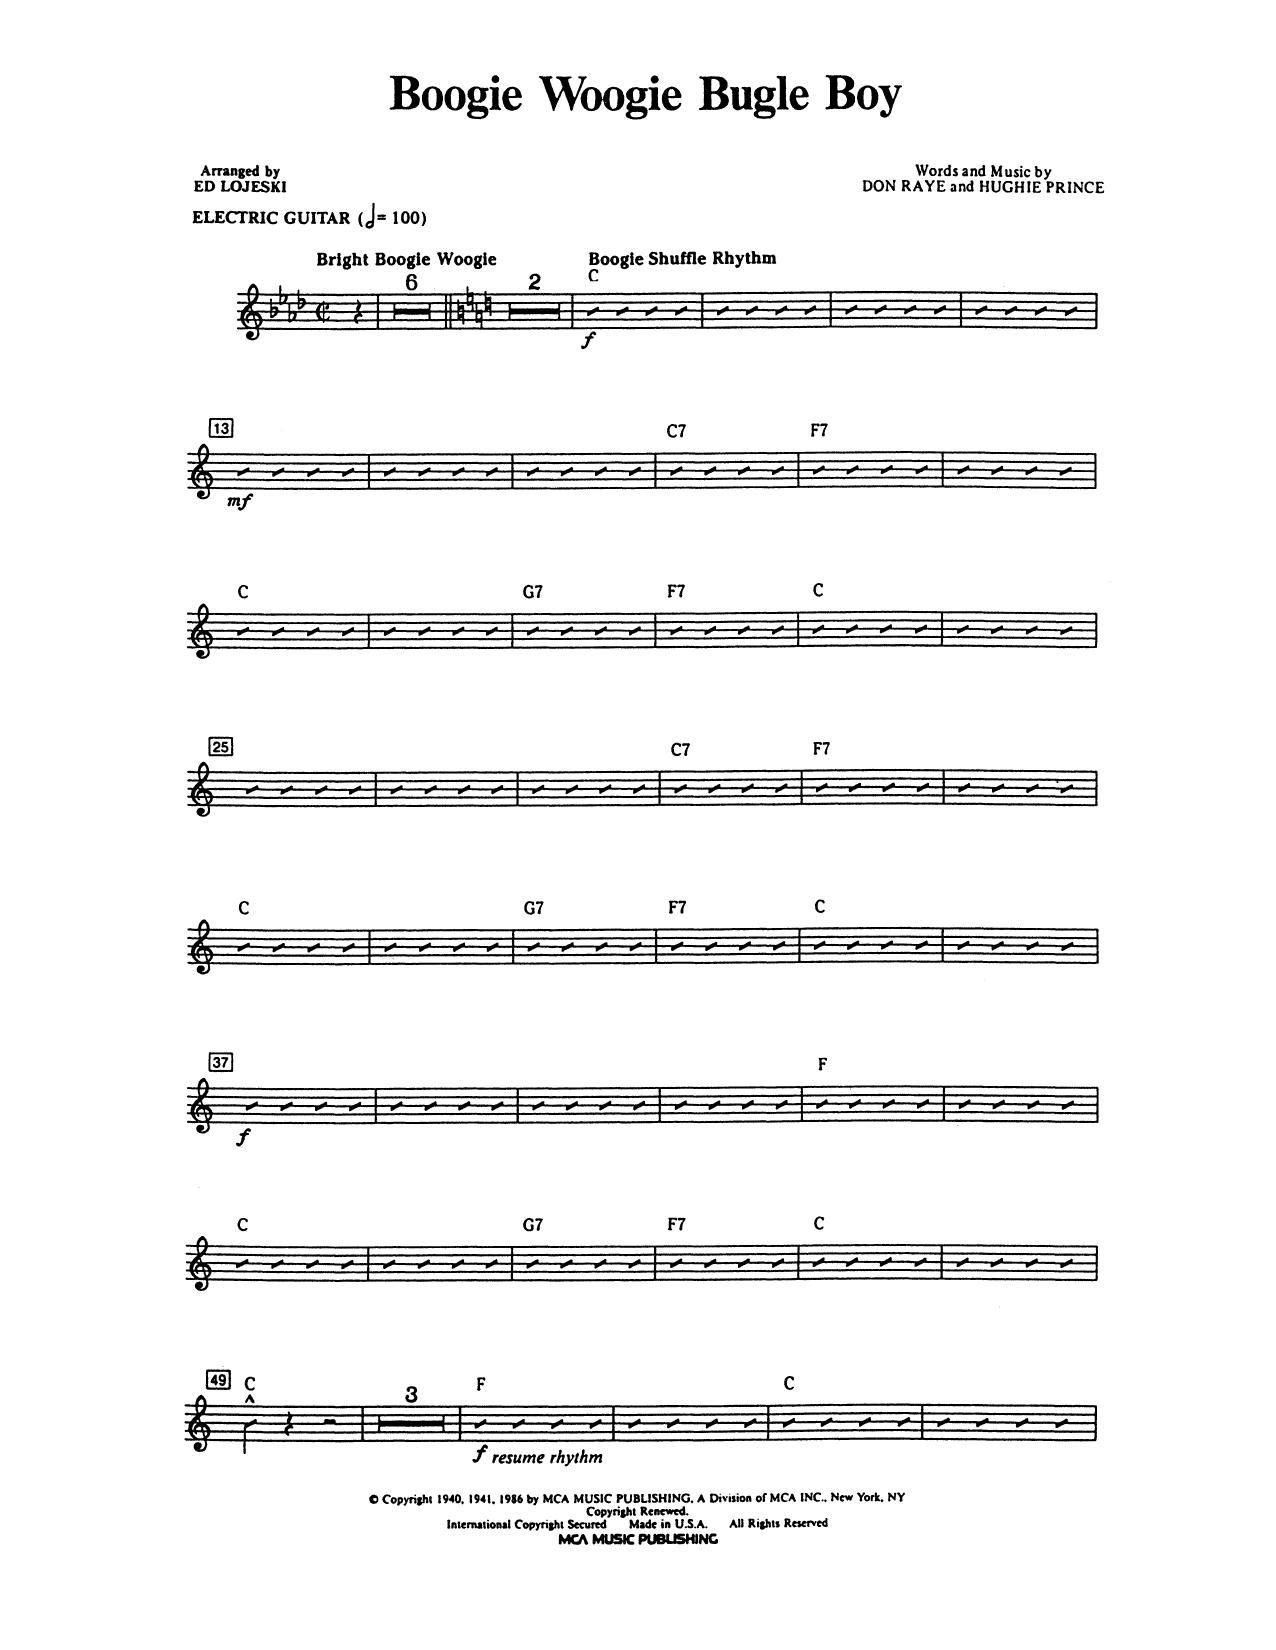 Andrews Sisters - Boogie Woogie Bugle Boy - Guitar